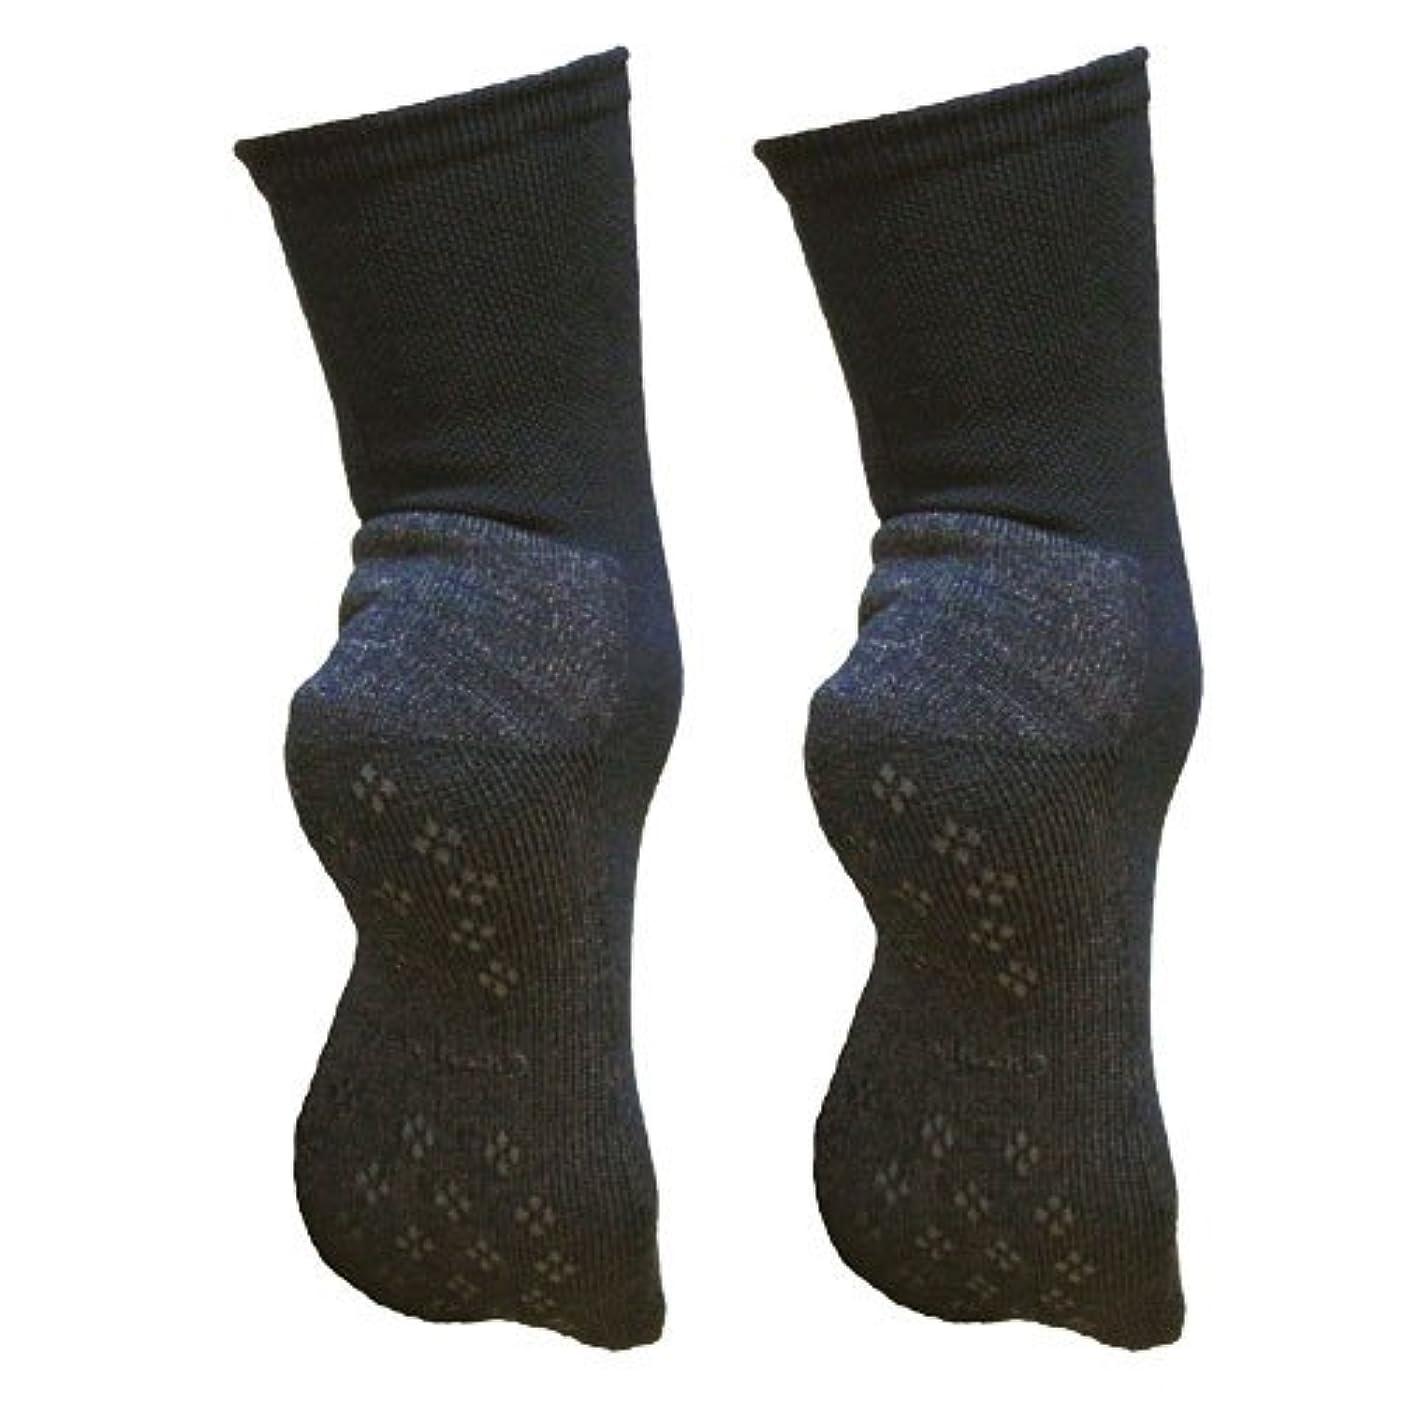 フォロー乱れ多数の銅繊維靴下「足もとはいつも青春」パイルタイプ2足セット 靴底のあたたかさ重視